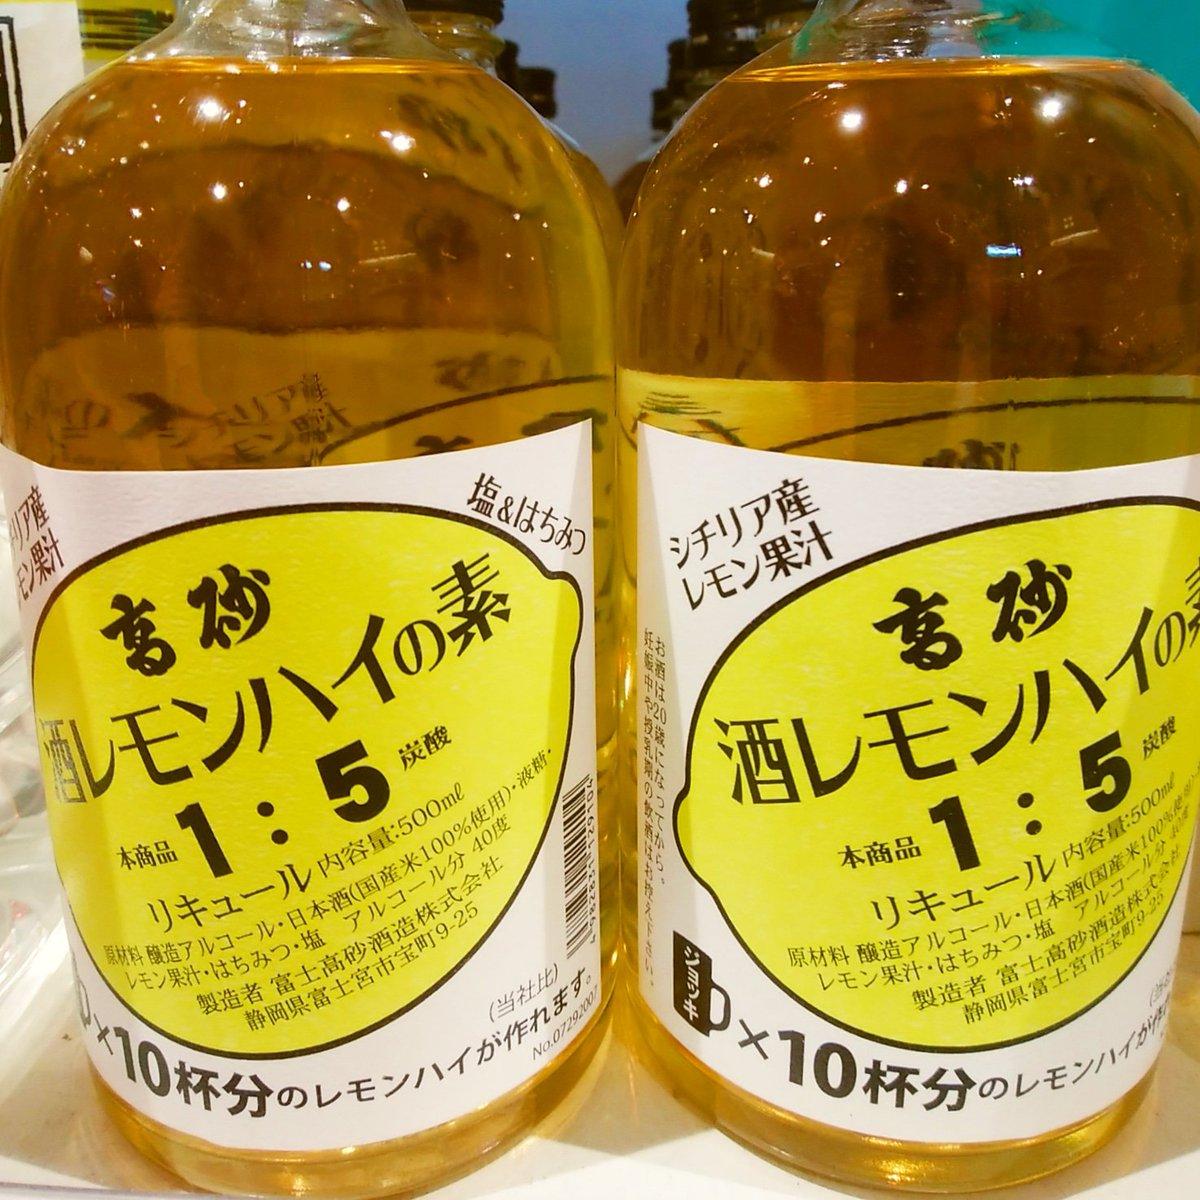 test ツイッターメディア - にじさんじのB級バラエティで紹介されました!  富士高砂酒造さんの 高砂 レモンハイの素!  はちみつレモン風味でスタッフもお気に入り!  その他高砂酒造さんのお酒も取扱中です!  #にじさんじ #富士高砂酒造 #巣ごもり #いえのみ  #酒 #お酒 #日本酒 #浜松 #肴町 #メルカート間渕 https://t.co/o8cFPEFdtX